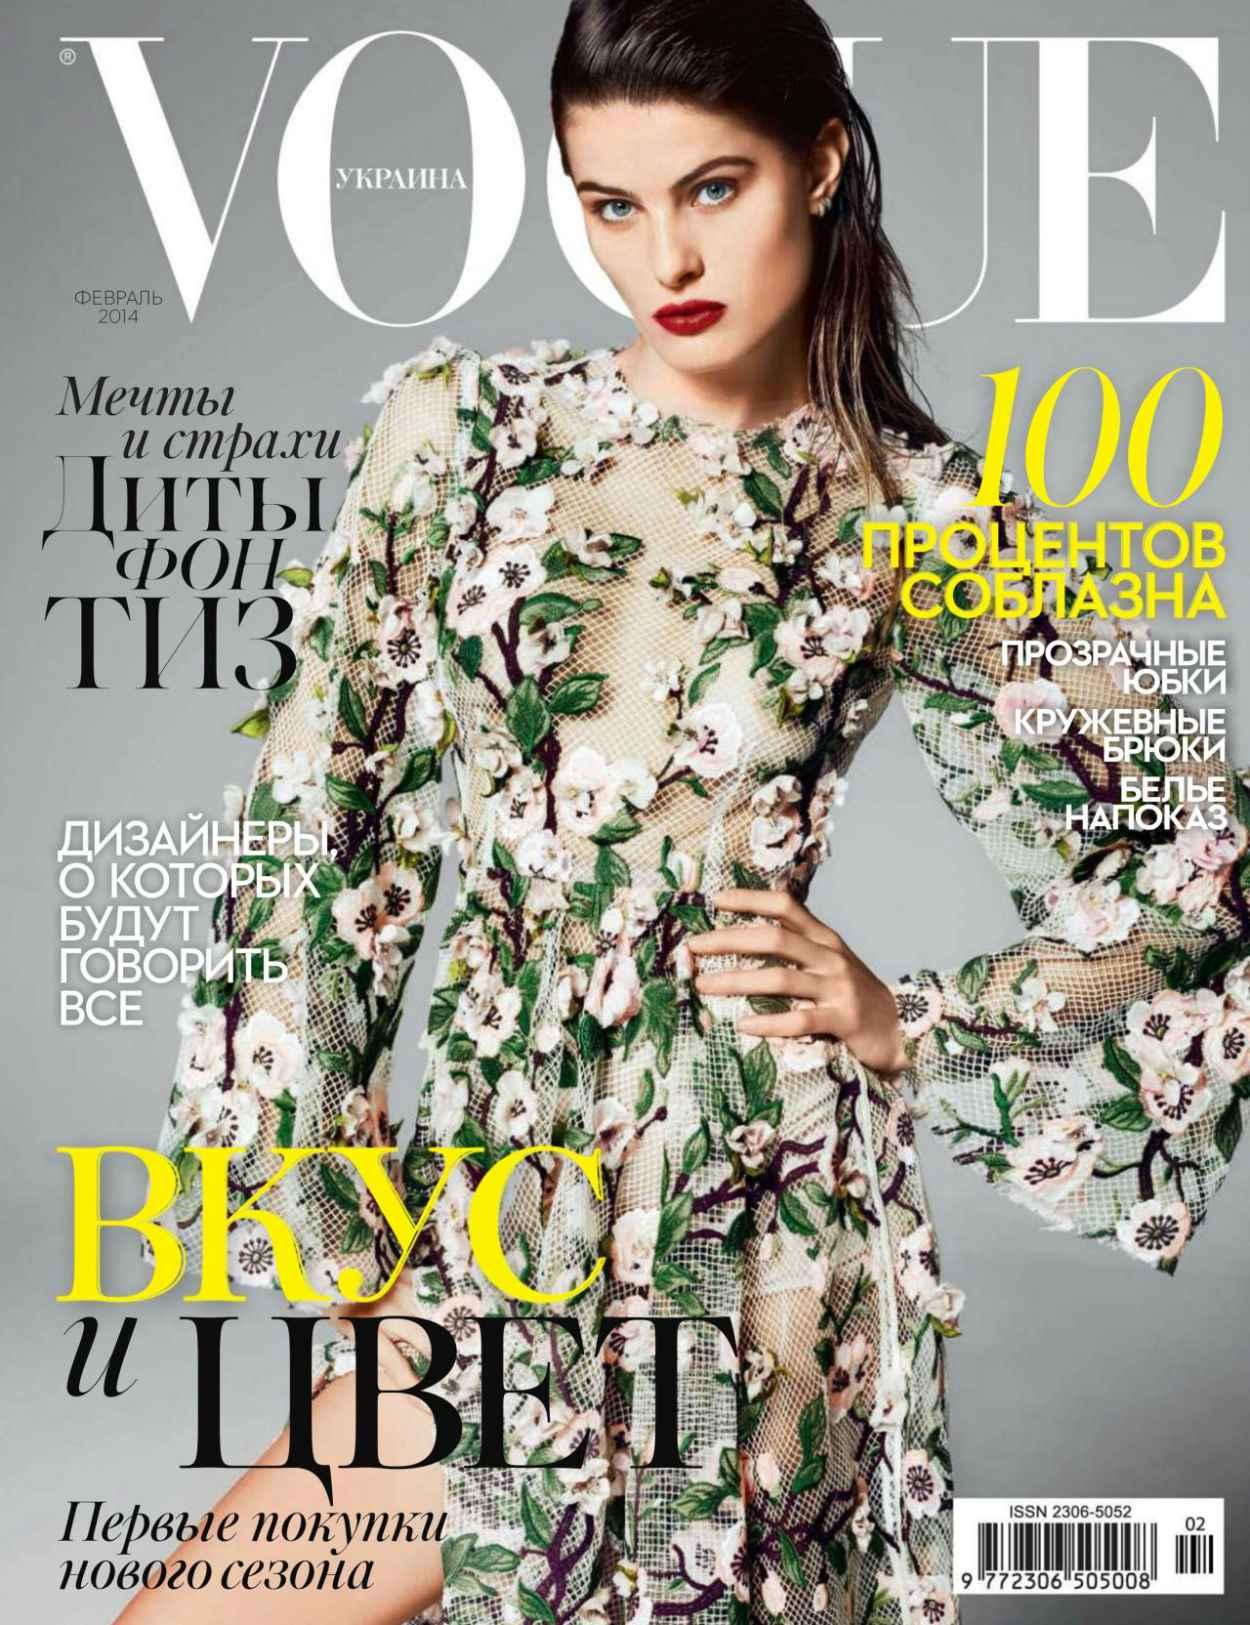 Isabeli Fontana - VOGUE Magazine (Ukraine) - February 2015 Issue-1